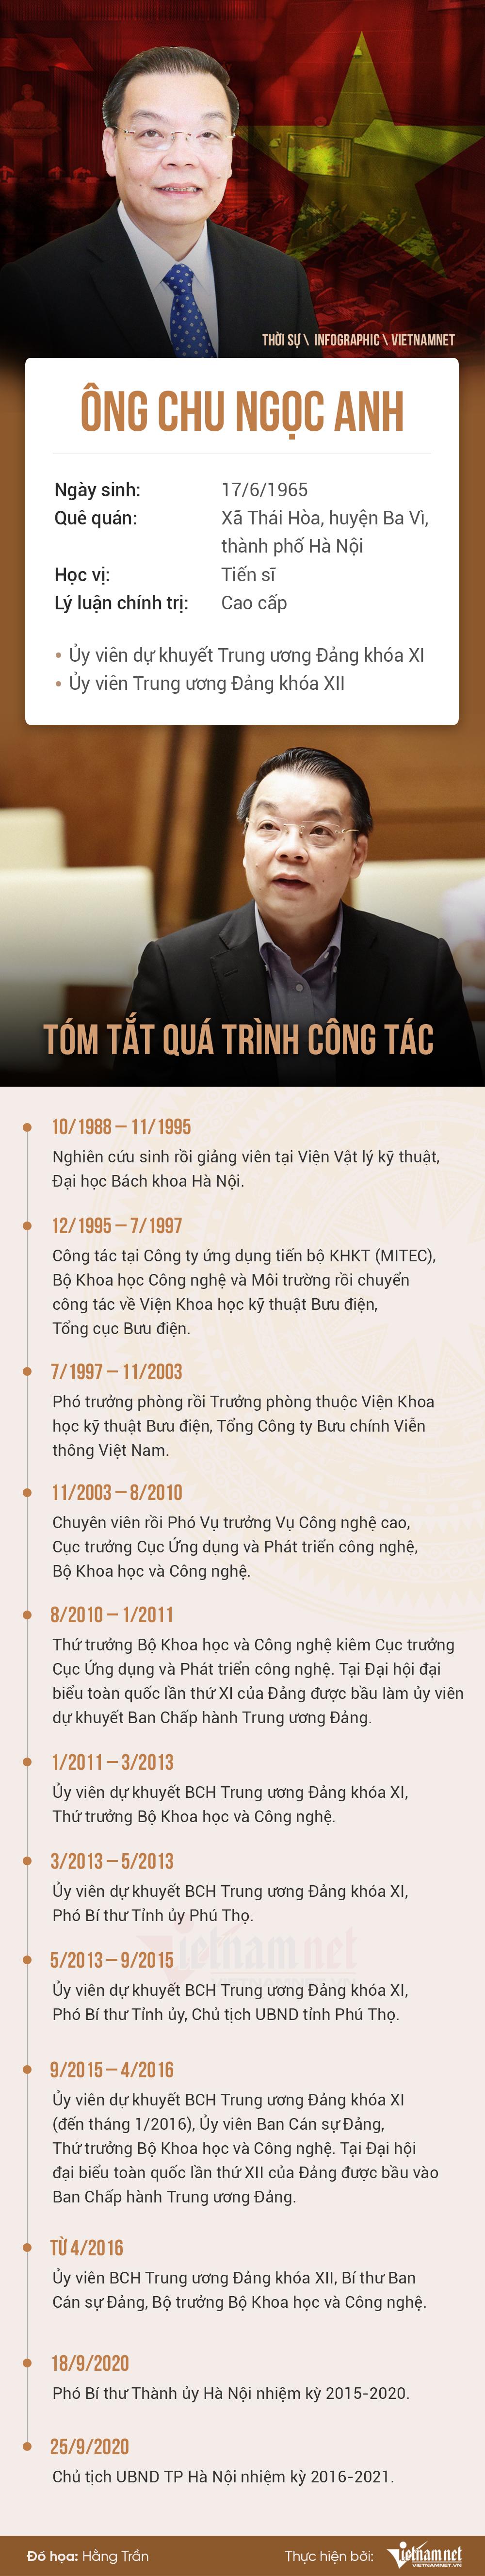 Ông Chu Ngọc Anh làm Chủ tịch UBND Thành phố Hà Nội